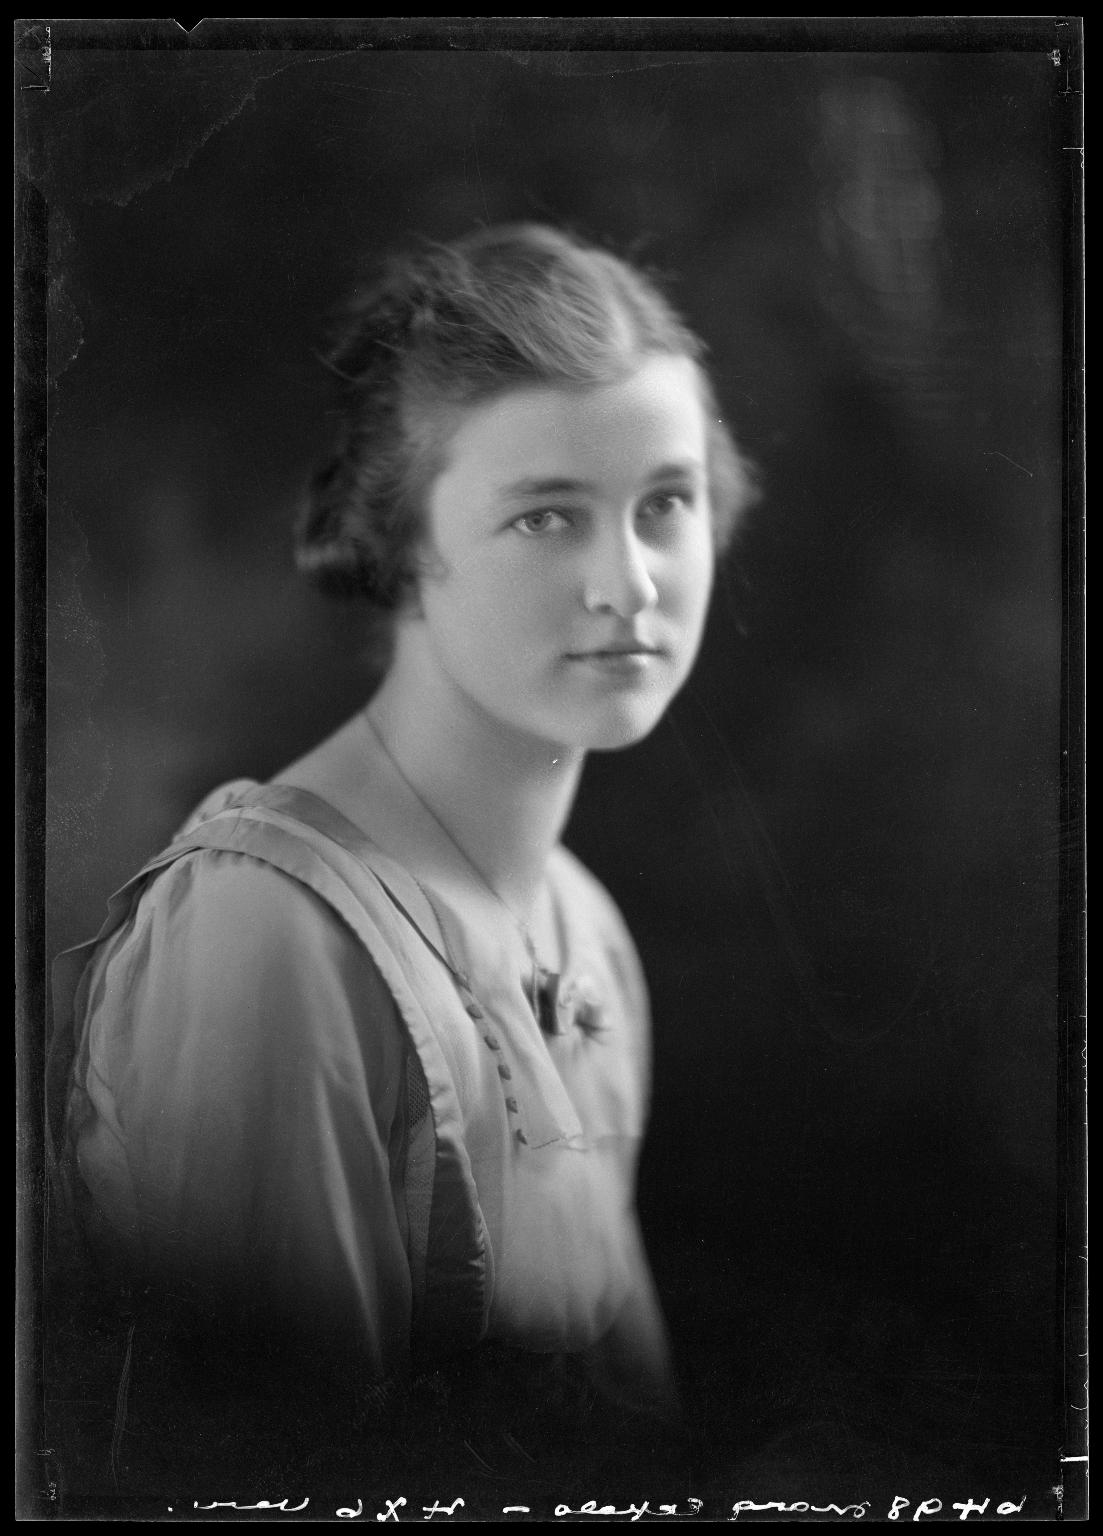 Portraits of Margaret Eckels